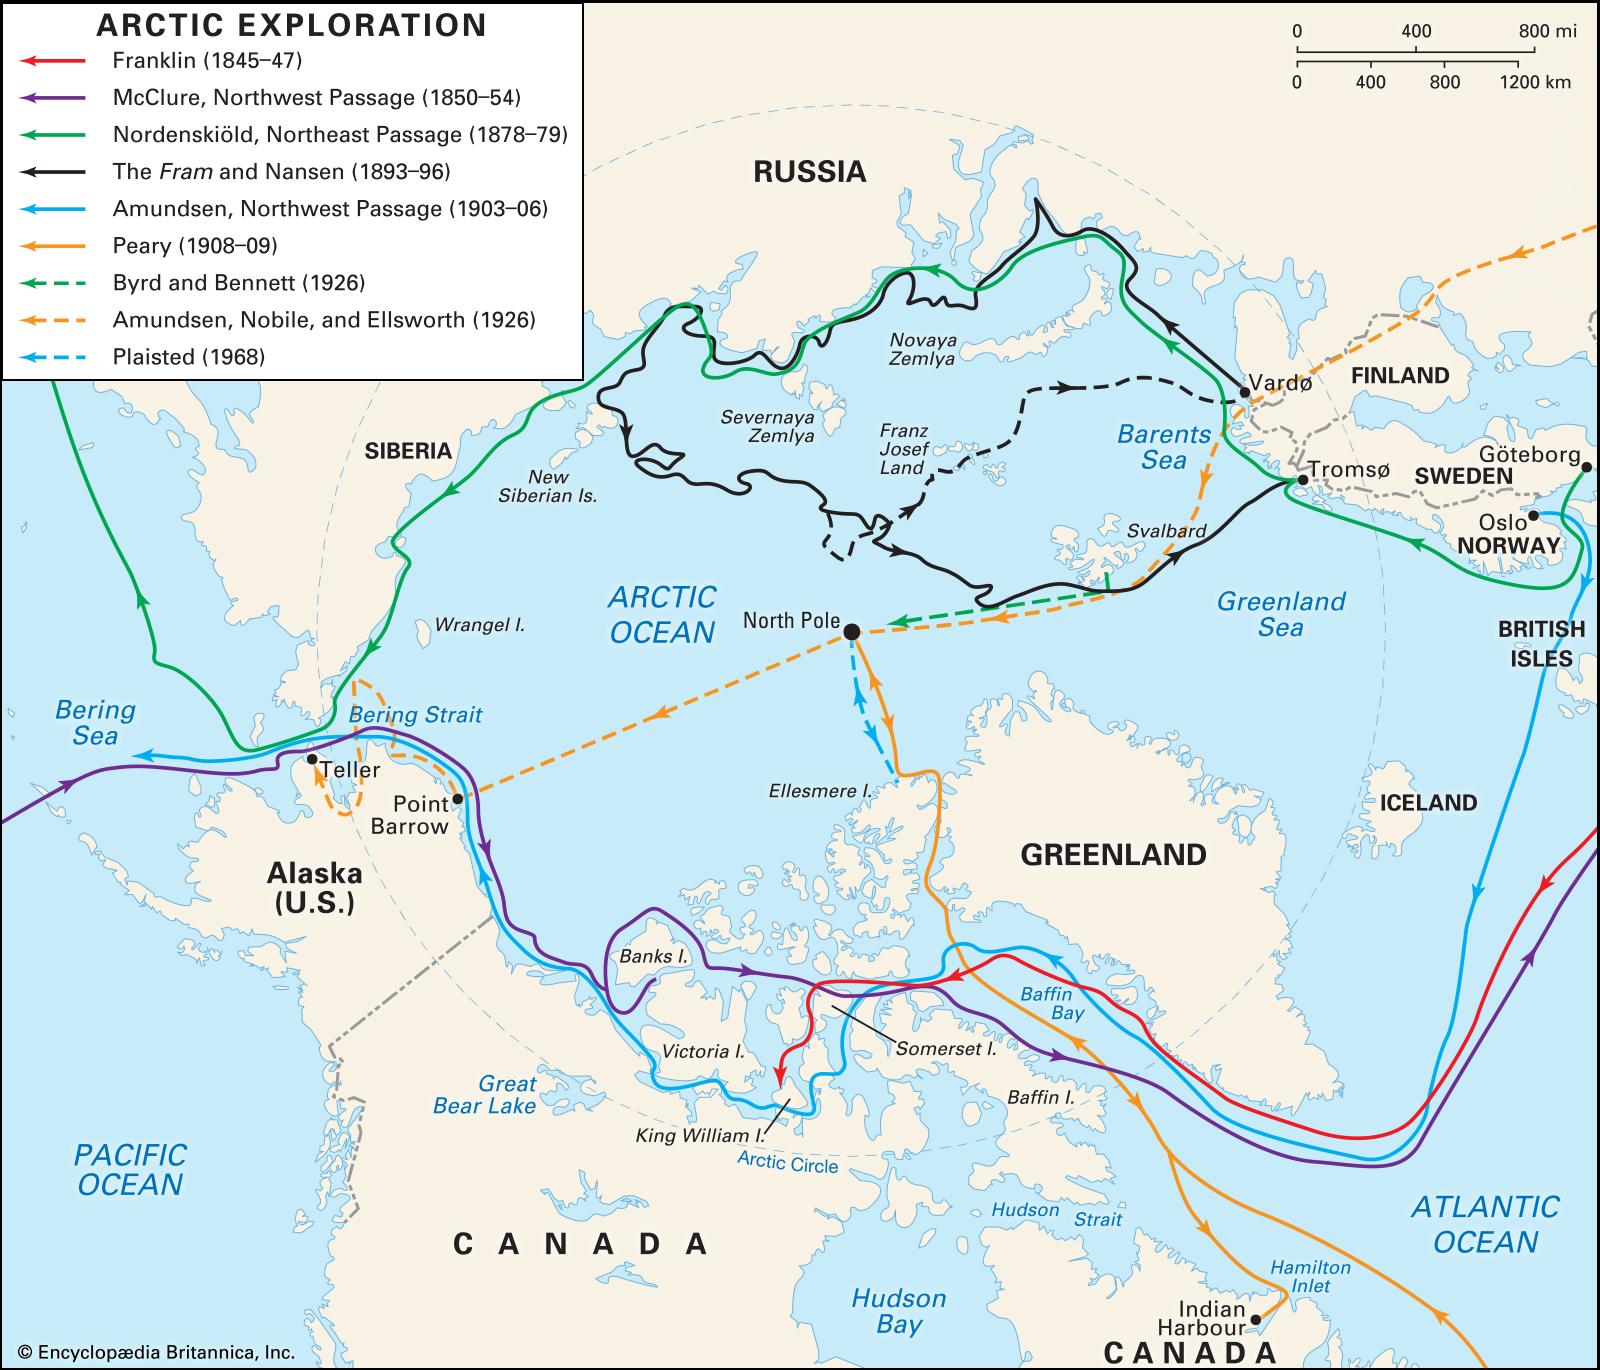 MM-ArcticExplorers-Britannica